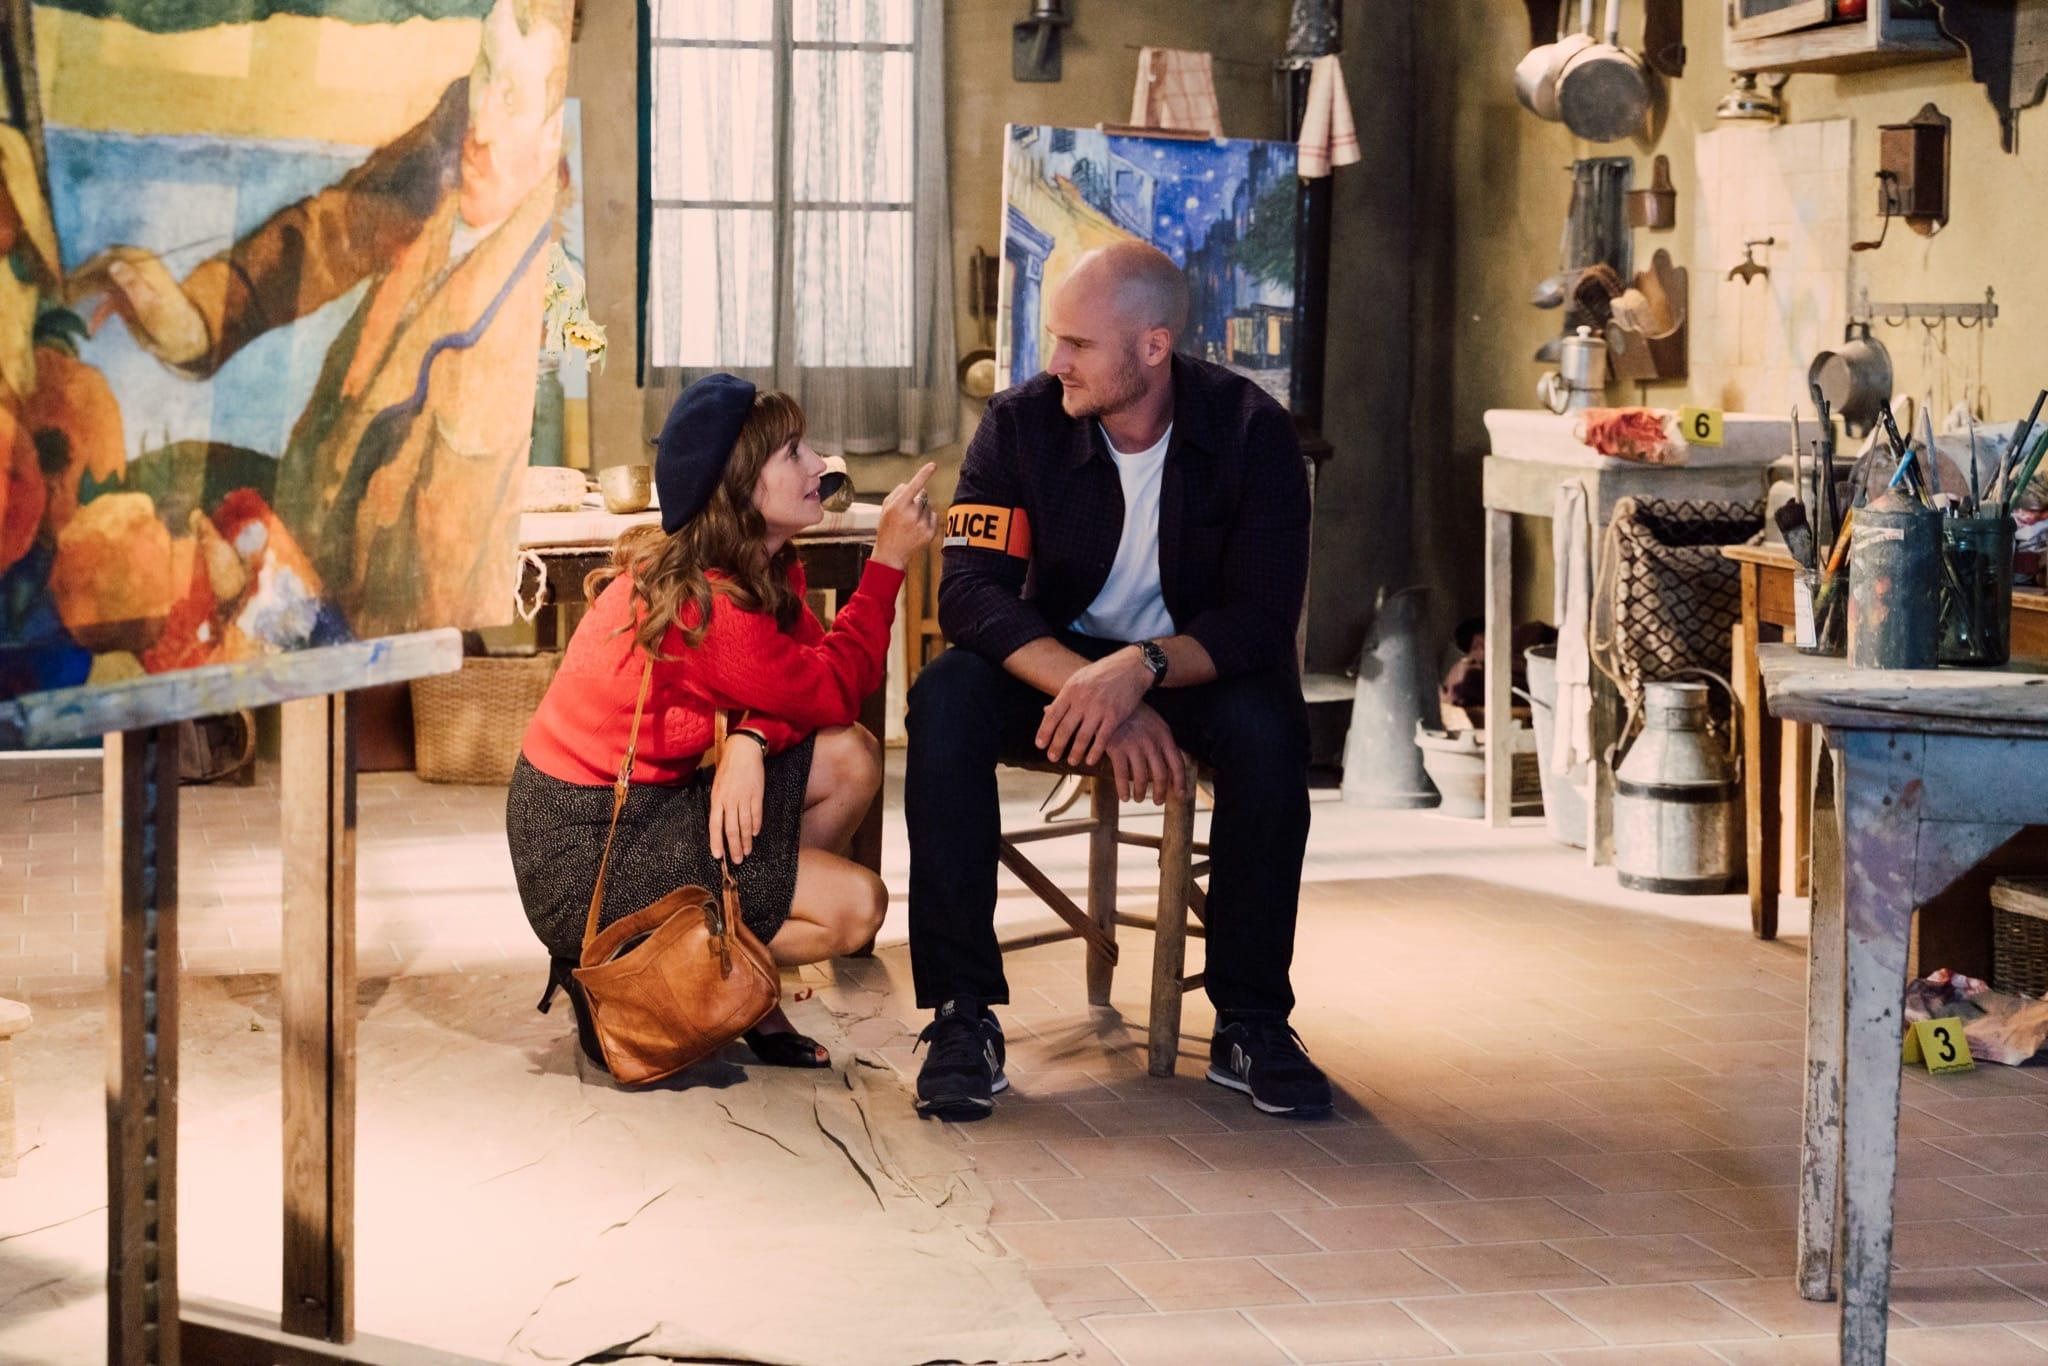 L'Art du crime saison 4 épisode 1 Le testament de Van Gogh image série télé